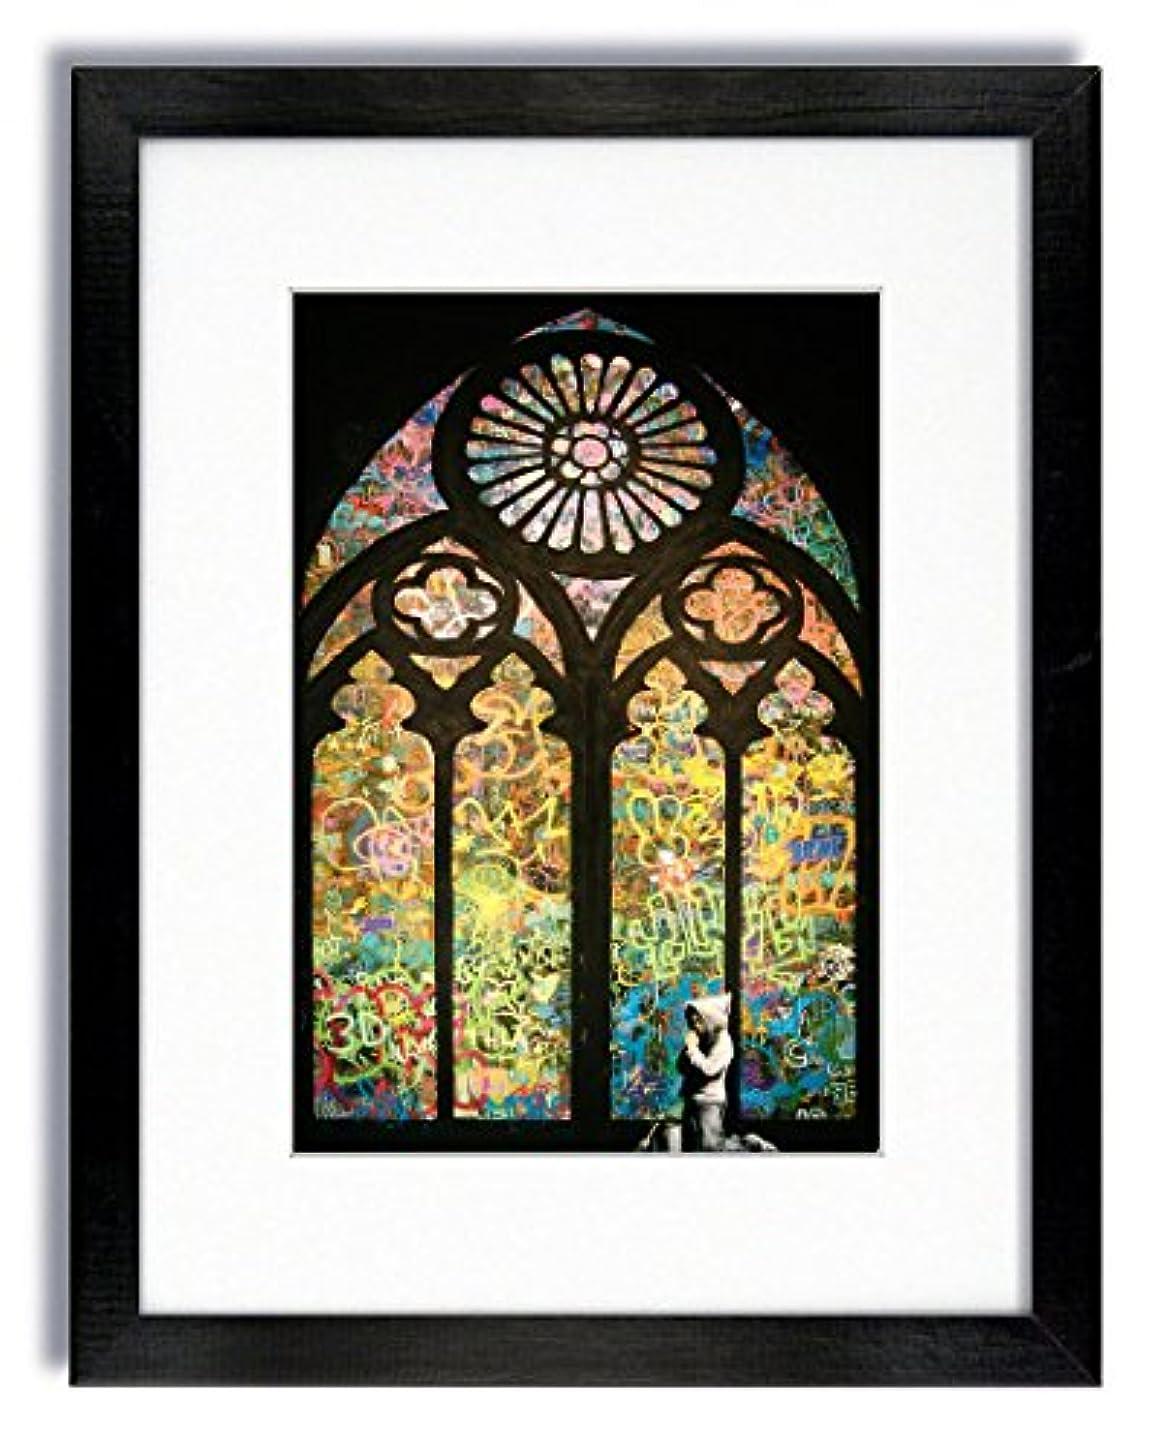 詐欺師世界レギュラーBanksy 教会のウィンドウで祈る少年 額入りプリント 18 X 14 INCHES